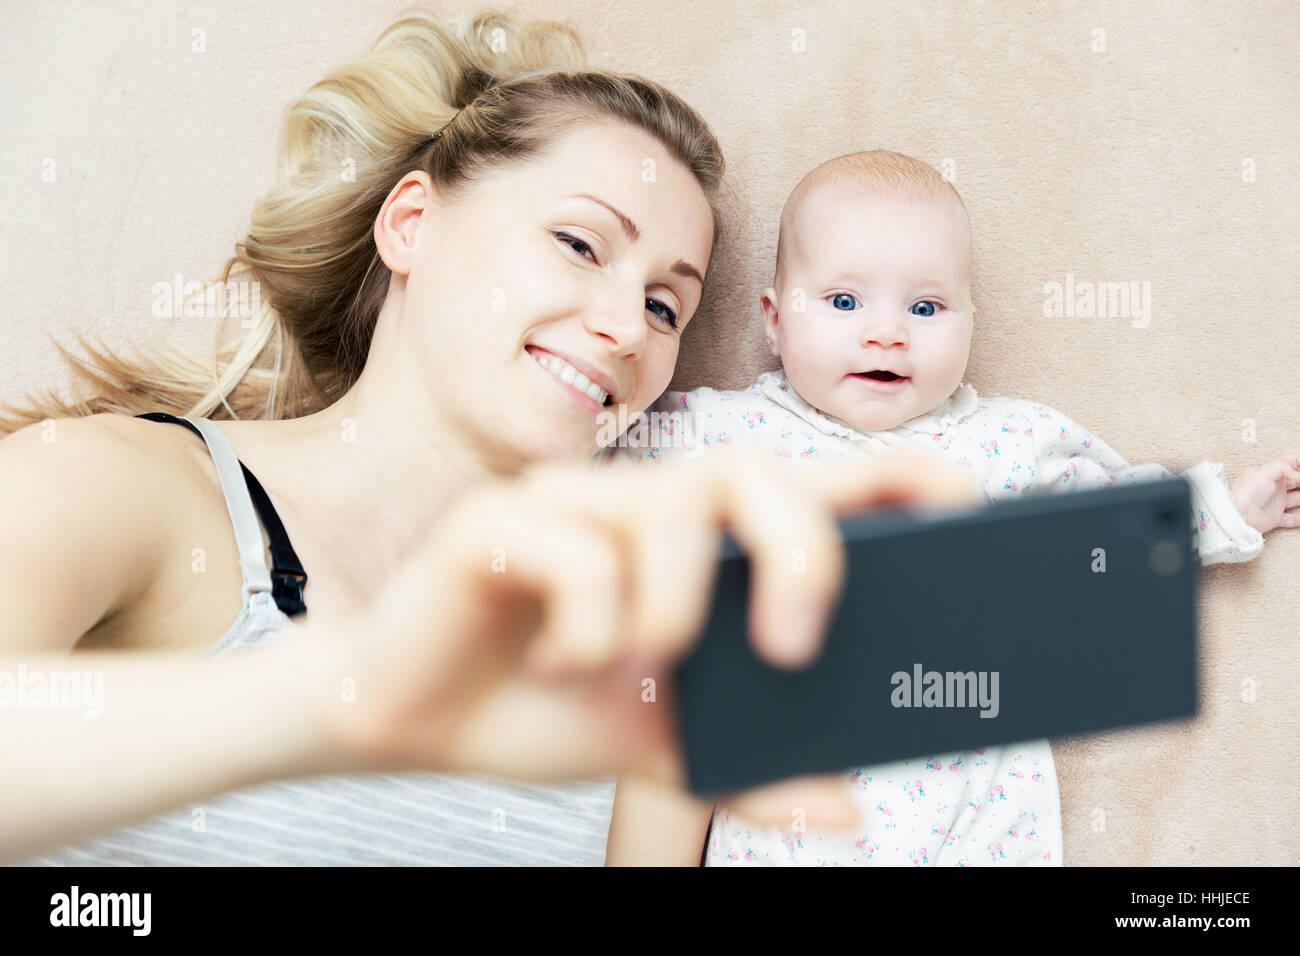 La madre e il piccolo bambino neonato tenendo selfie con telefono a letto Immagini Stock